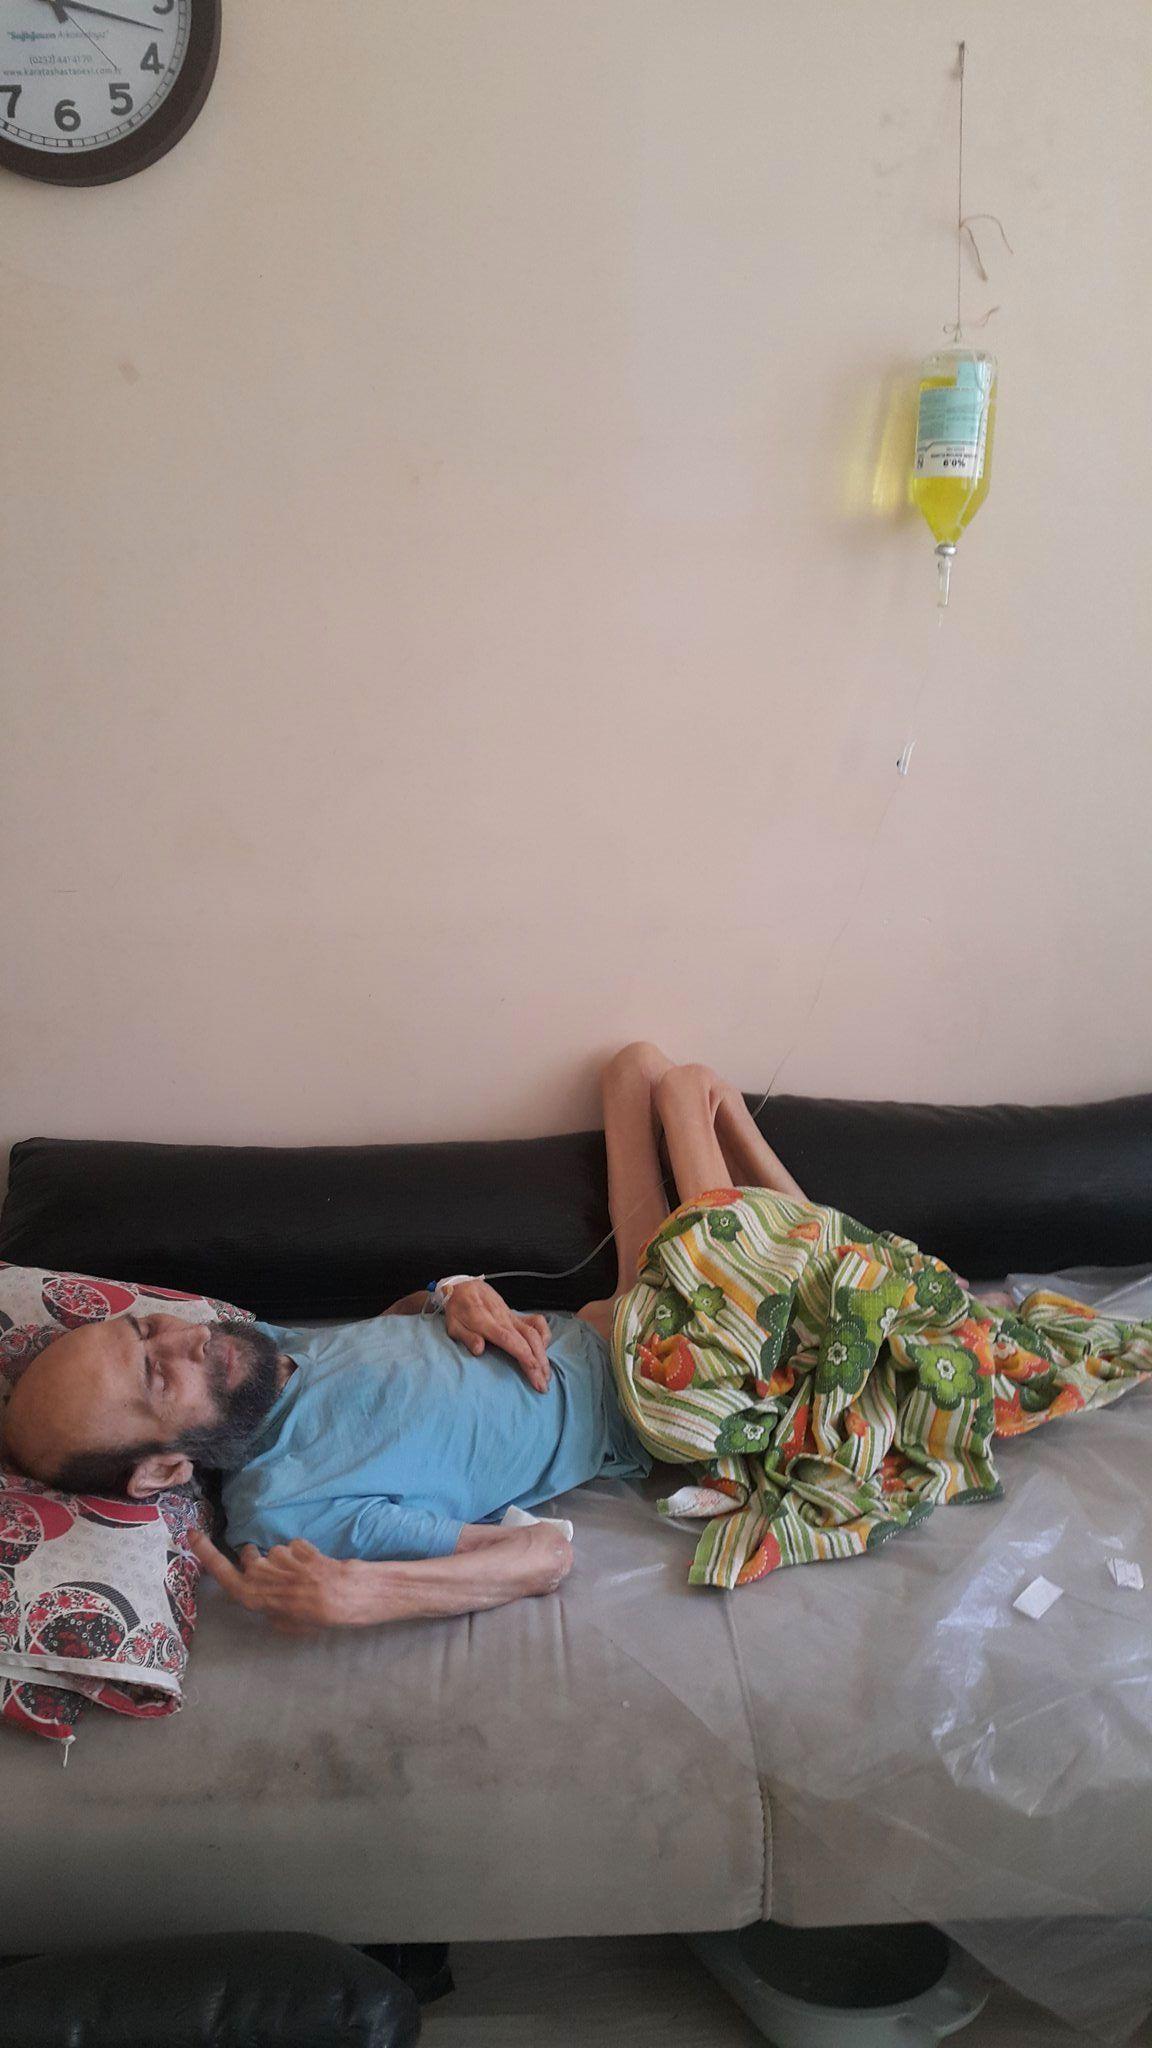 Cemil Uğurtan Sayıner'in son fotoğrafı görenlerin yüreğini sızlattı - Sayfa 1